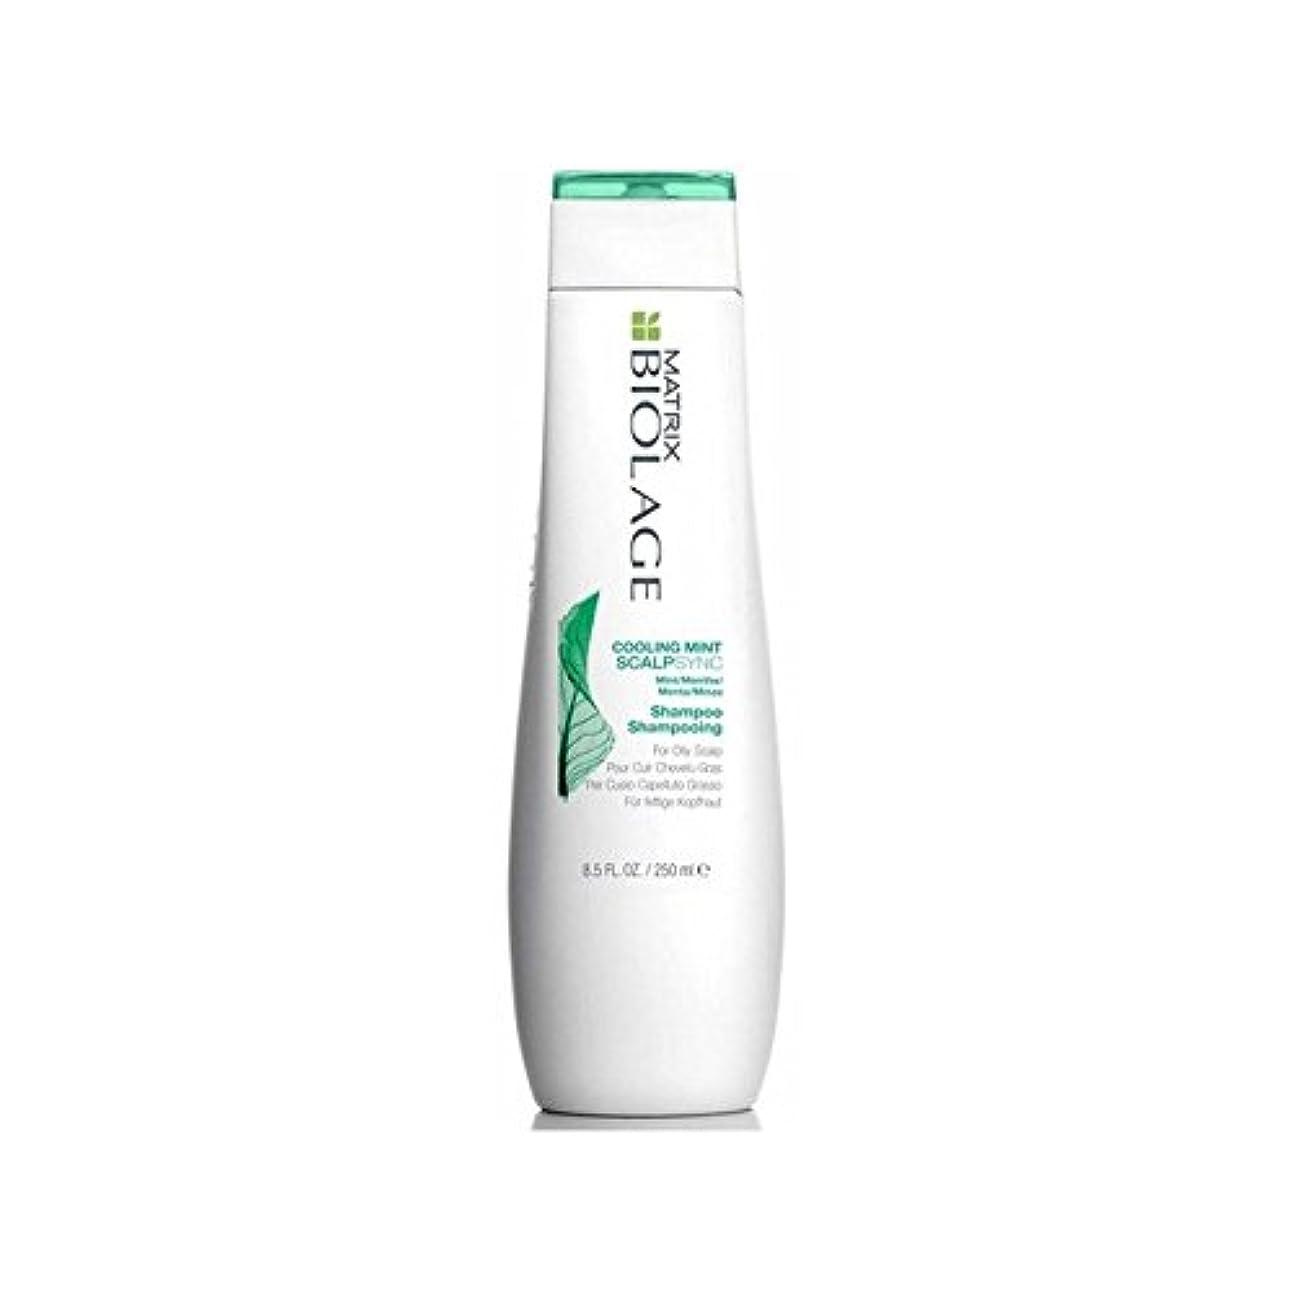 風治世終わらせるMatrix Biolage Scalptherapie Scalp Cooling Mint Shampoo (250ml) (Pack of 6) - ミントシャンプー(250ミリリットル)を冷却マトリックスバイオレイジ...